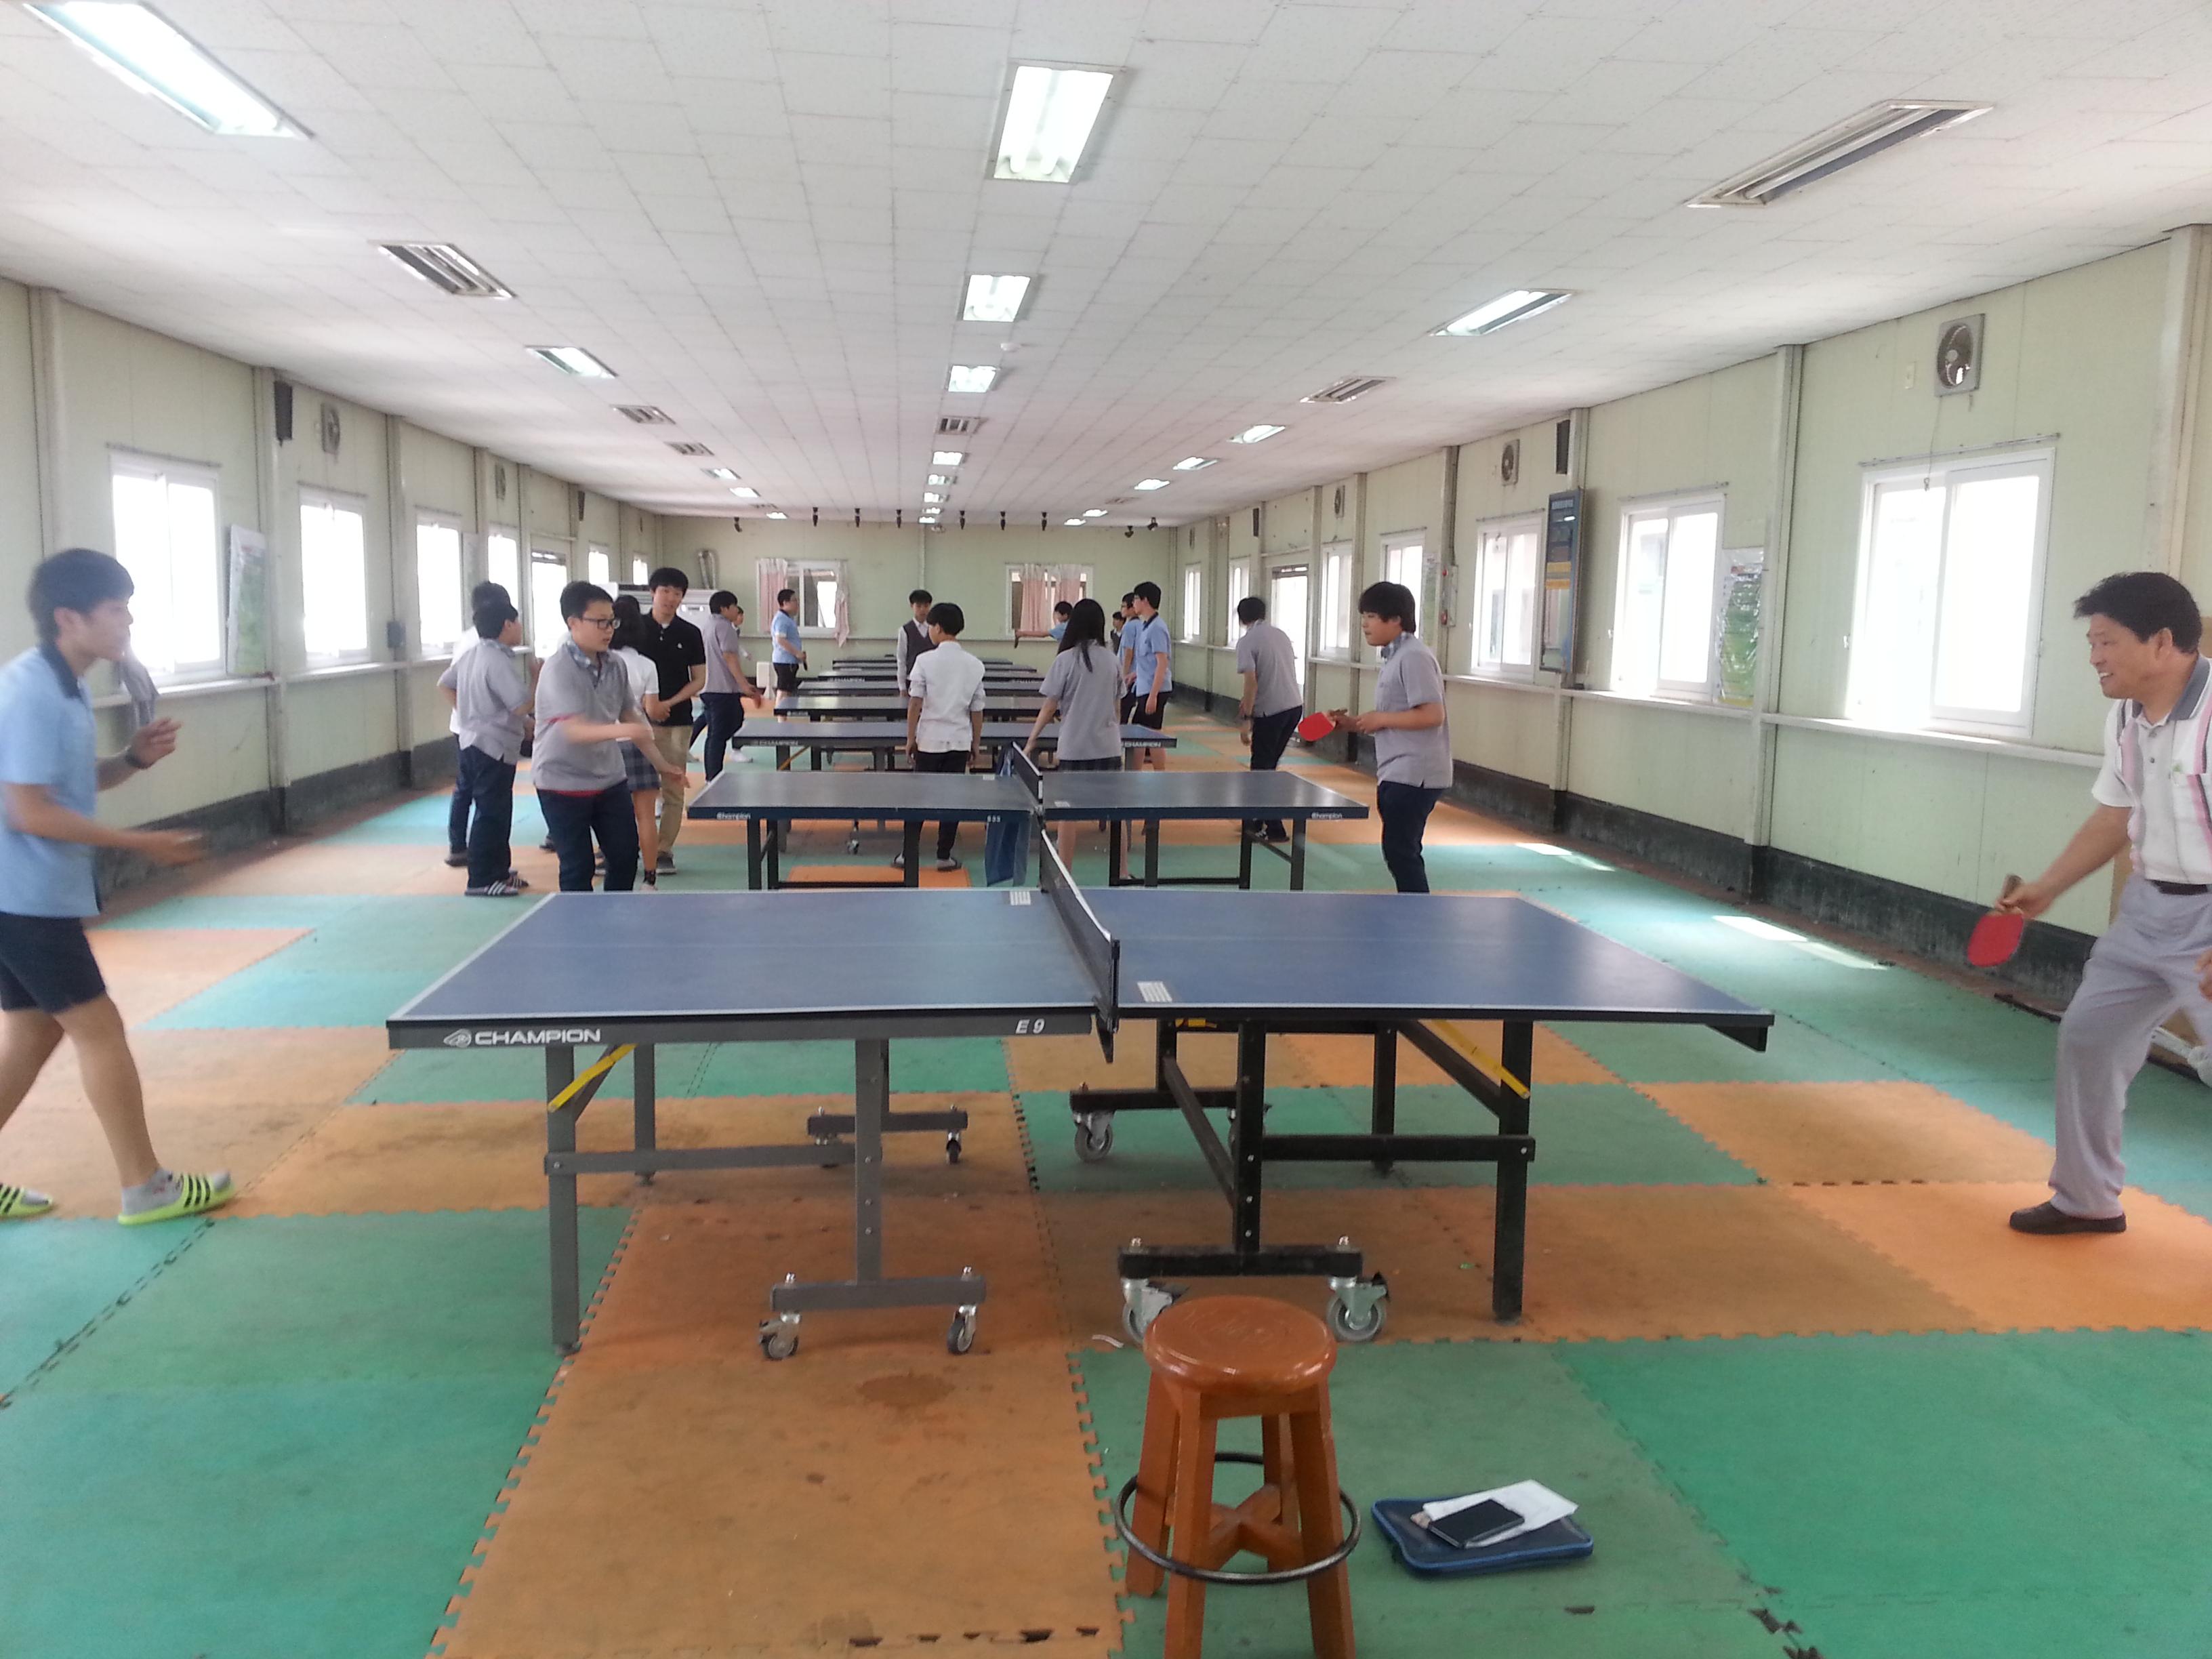 [일반] 학교장배 학교 스포츠클럽대회 제2라운드 시작의 첨부이미지 3